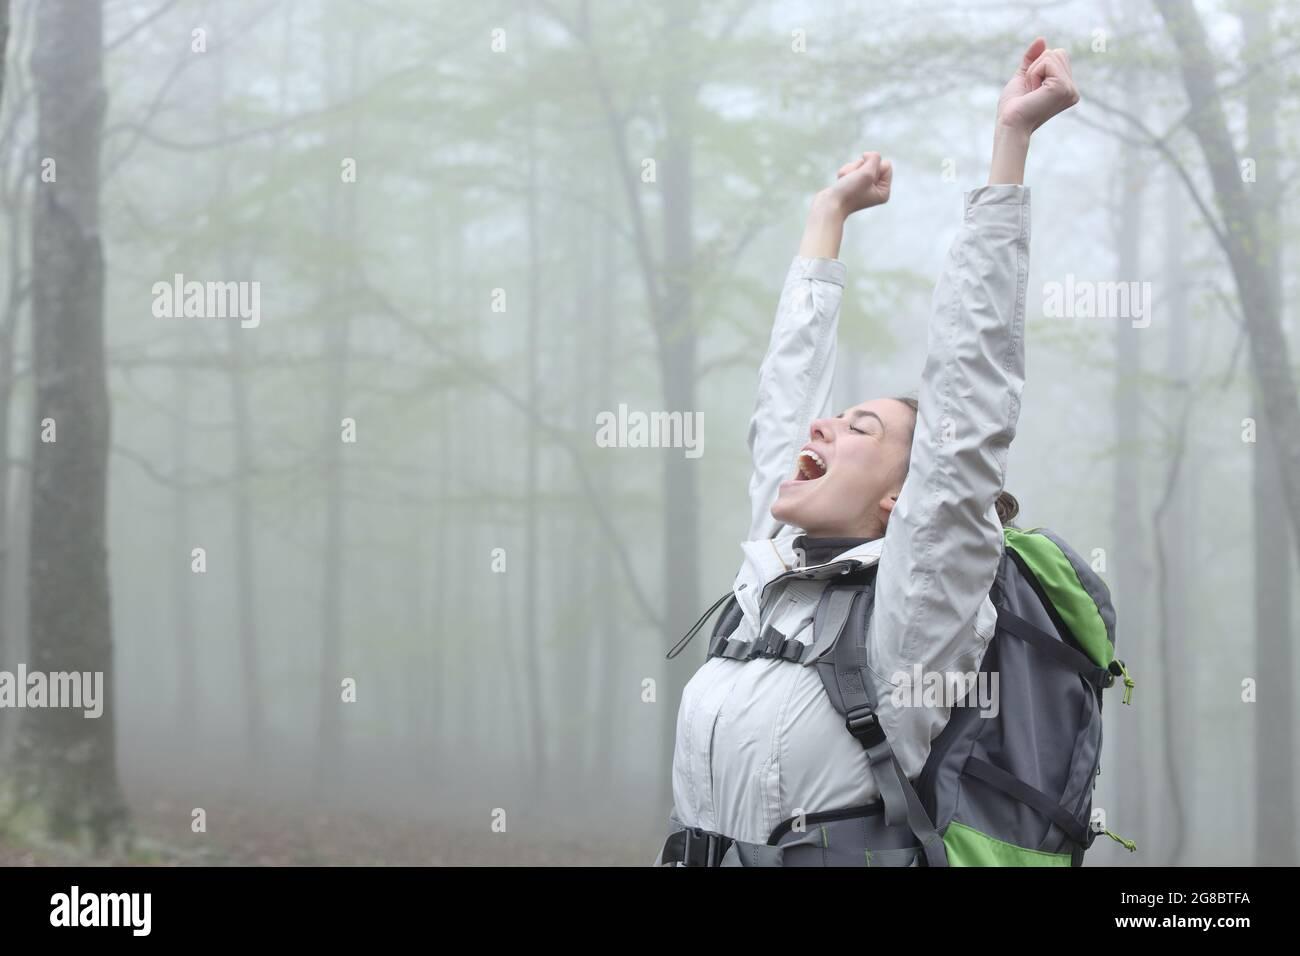 Un trekker excités qui célèbre ses réalisations dans une forêt brumeuse en vacances Banque D'Images